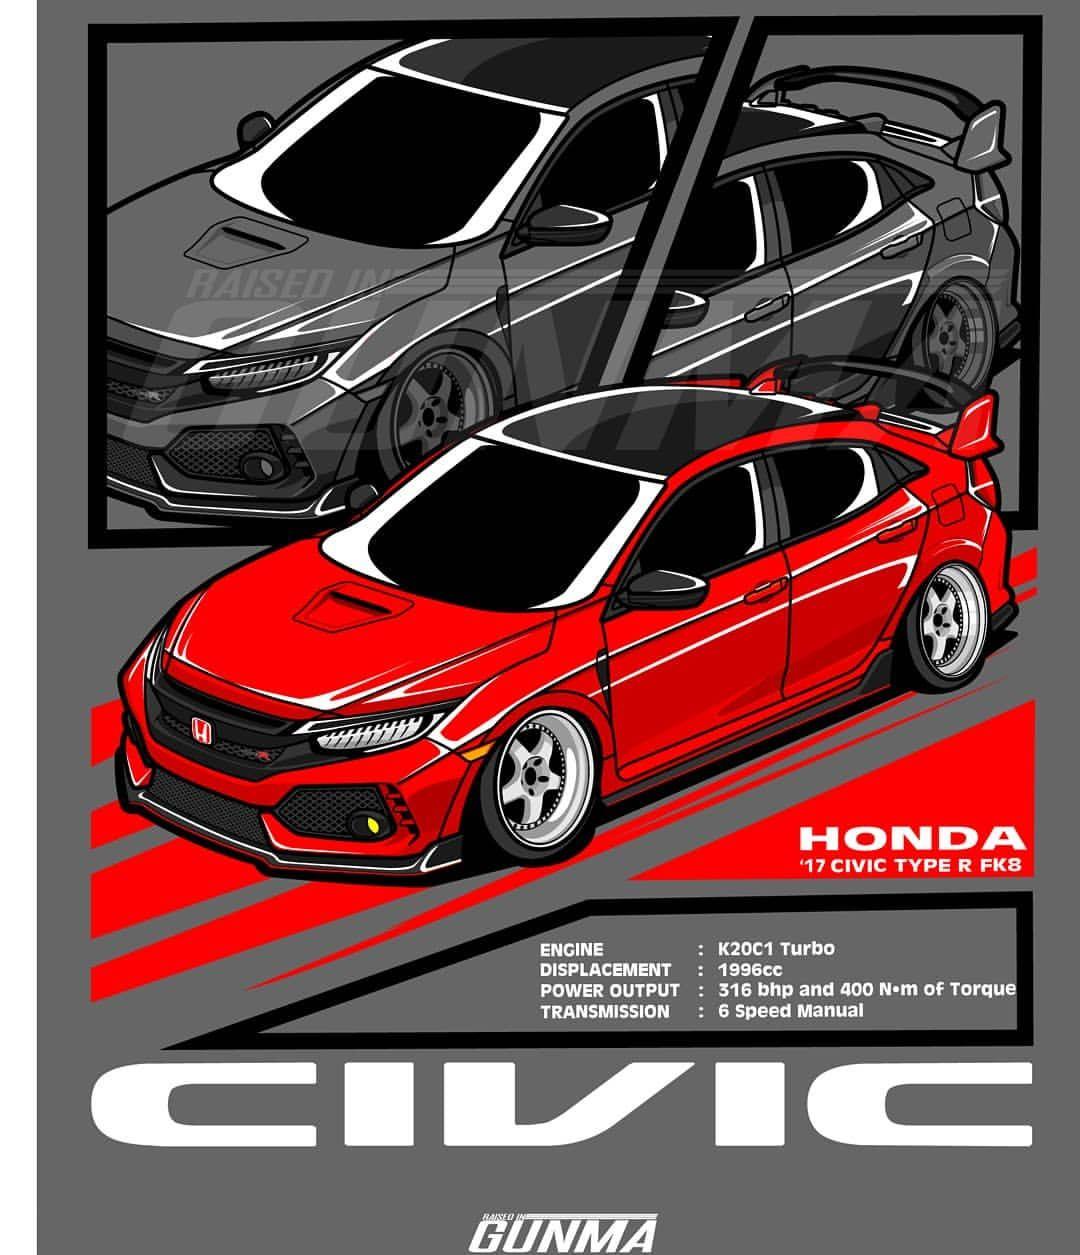 Civic Type R Fk8 Ya Esta Disponible Para Su Compra En Mi Tienda De Redbubble Enlace En Mi Biografia Acepto El Traba Civic Honda Fit Honda Civic Type R